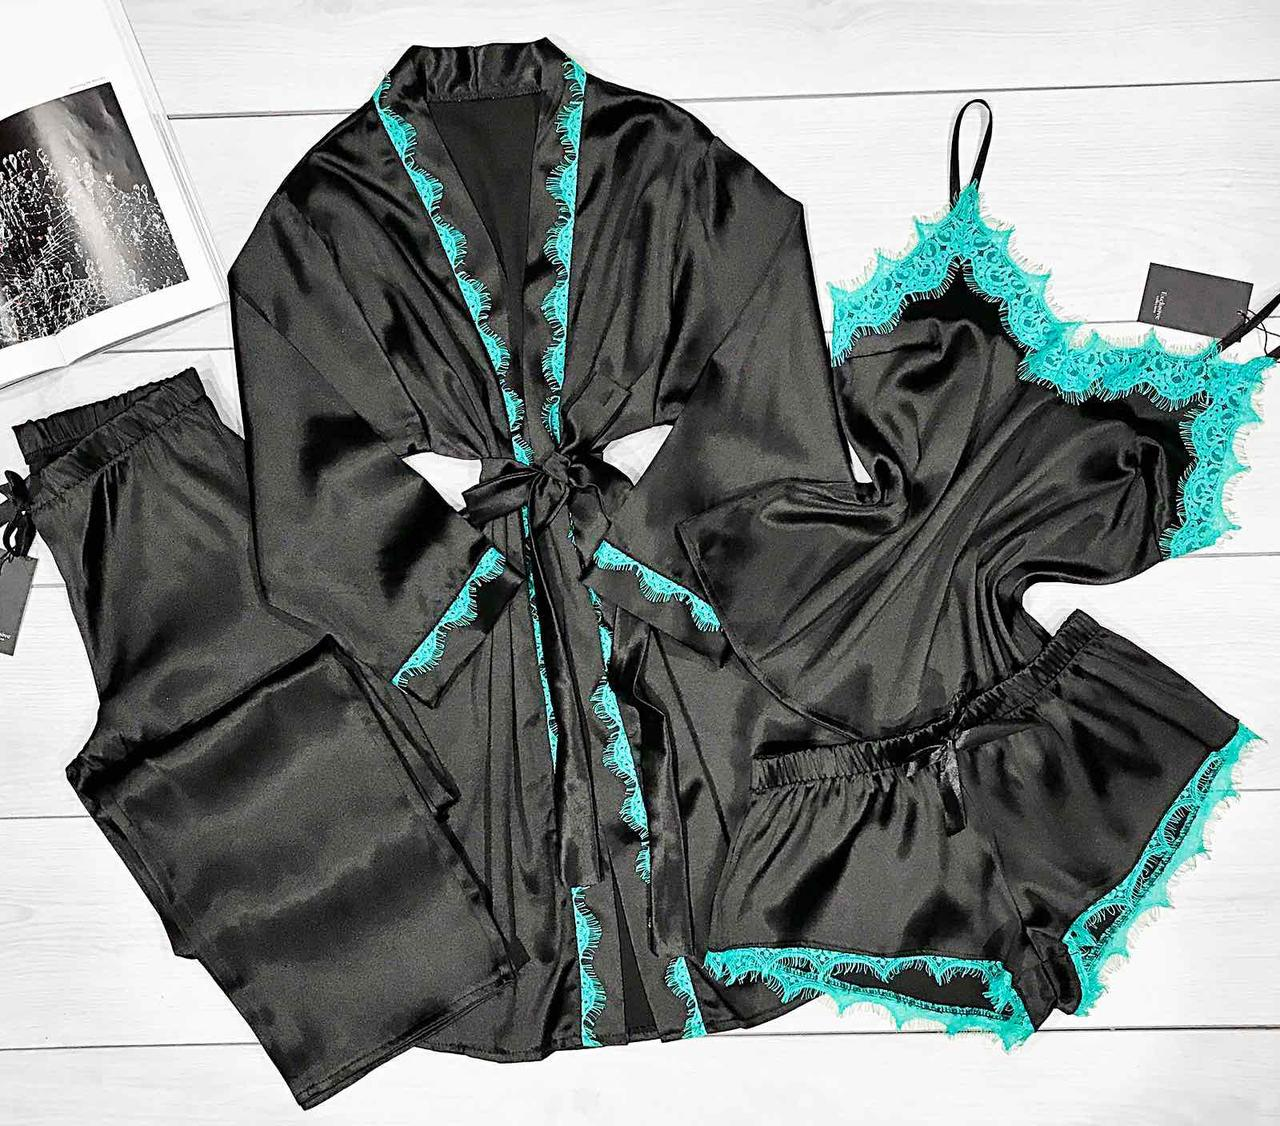 Стильный комплект для дома халат+пижама+штаны с бирюзовым кружевом.